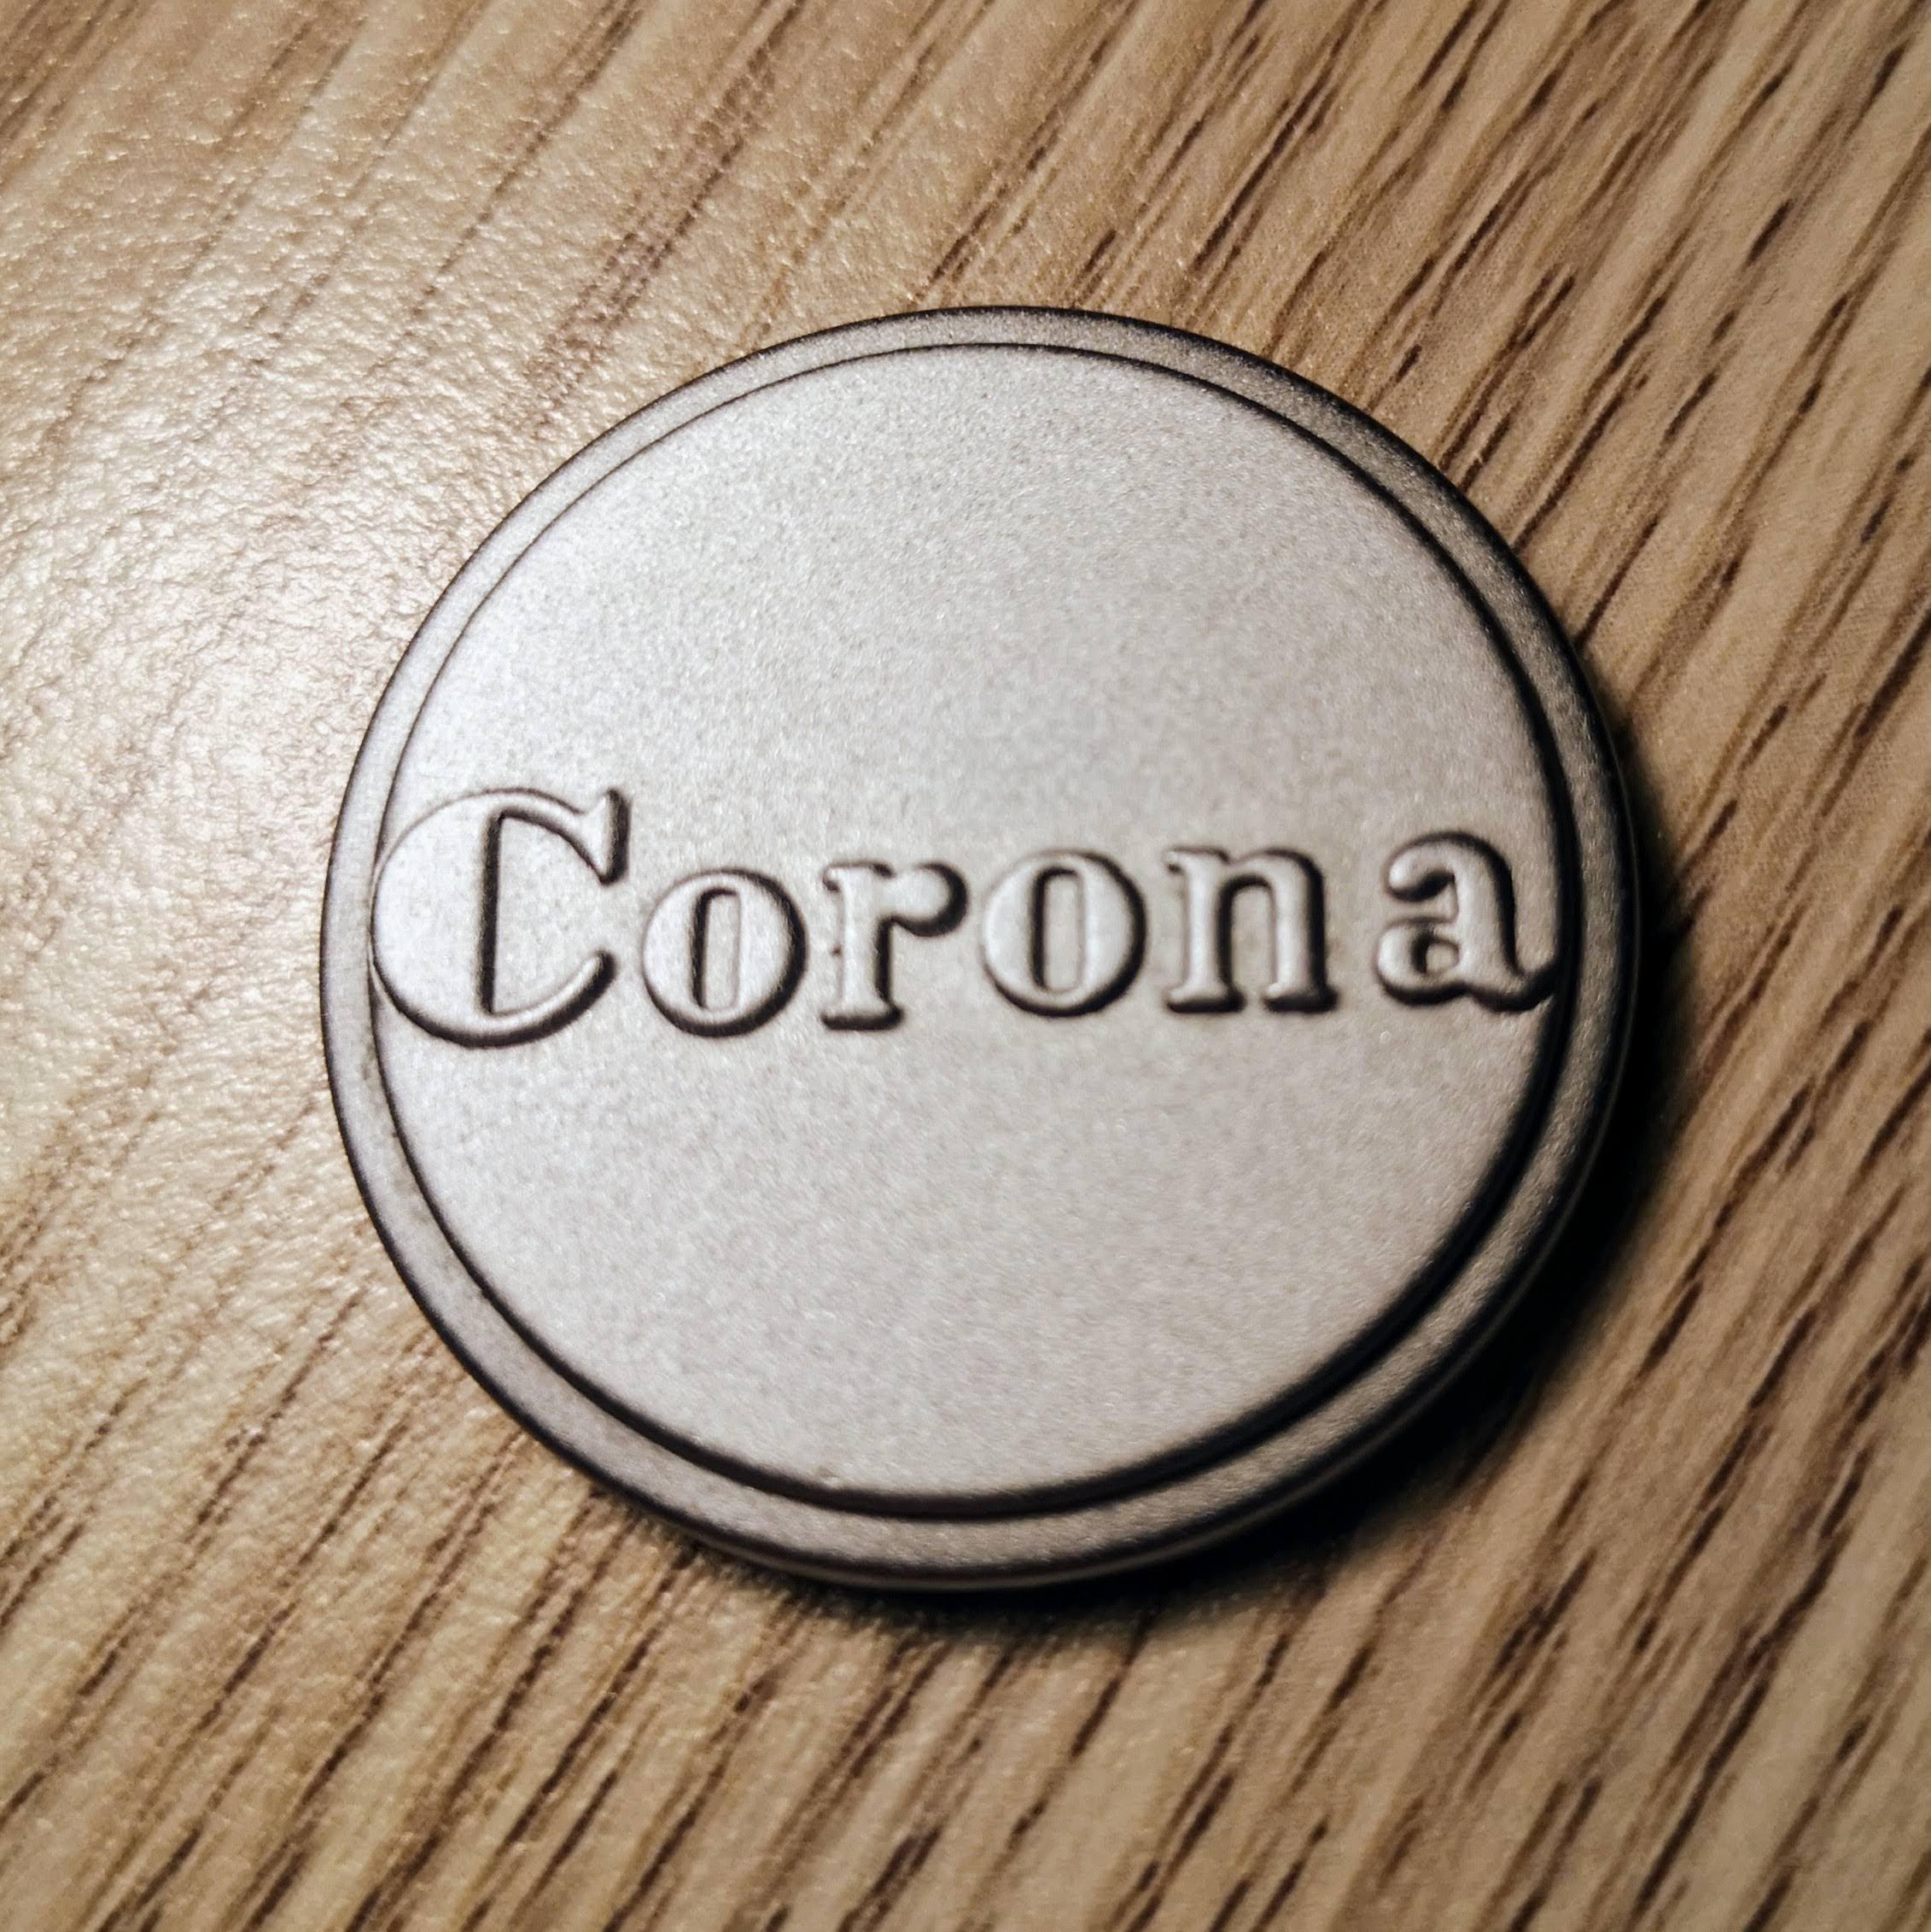 Corona 35r Lens Cap